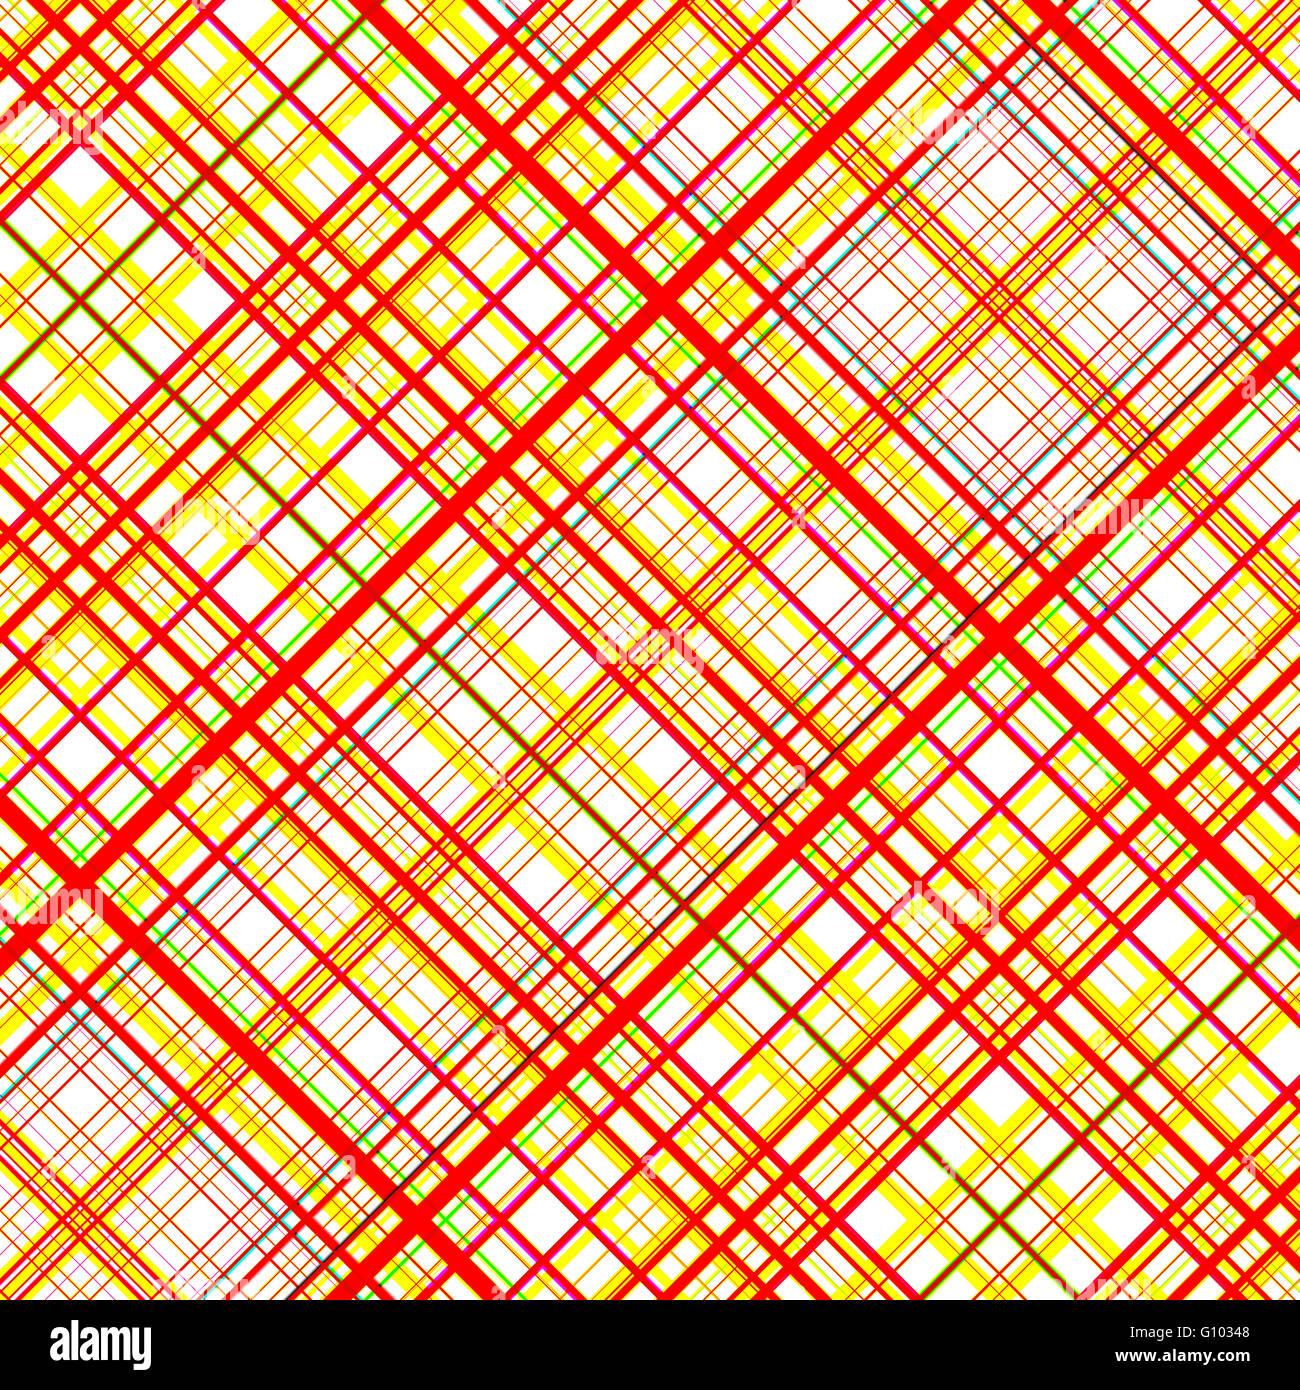 Naranja y amarillo, los colores vibrantes diagonal patrón de cuadrícula. Imagen De Stock